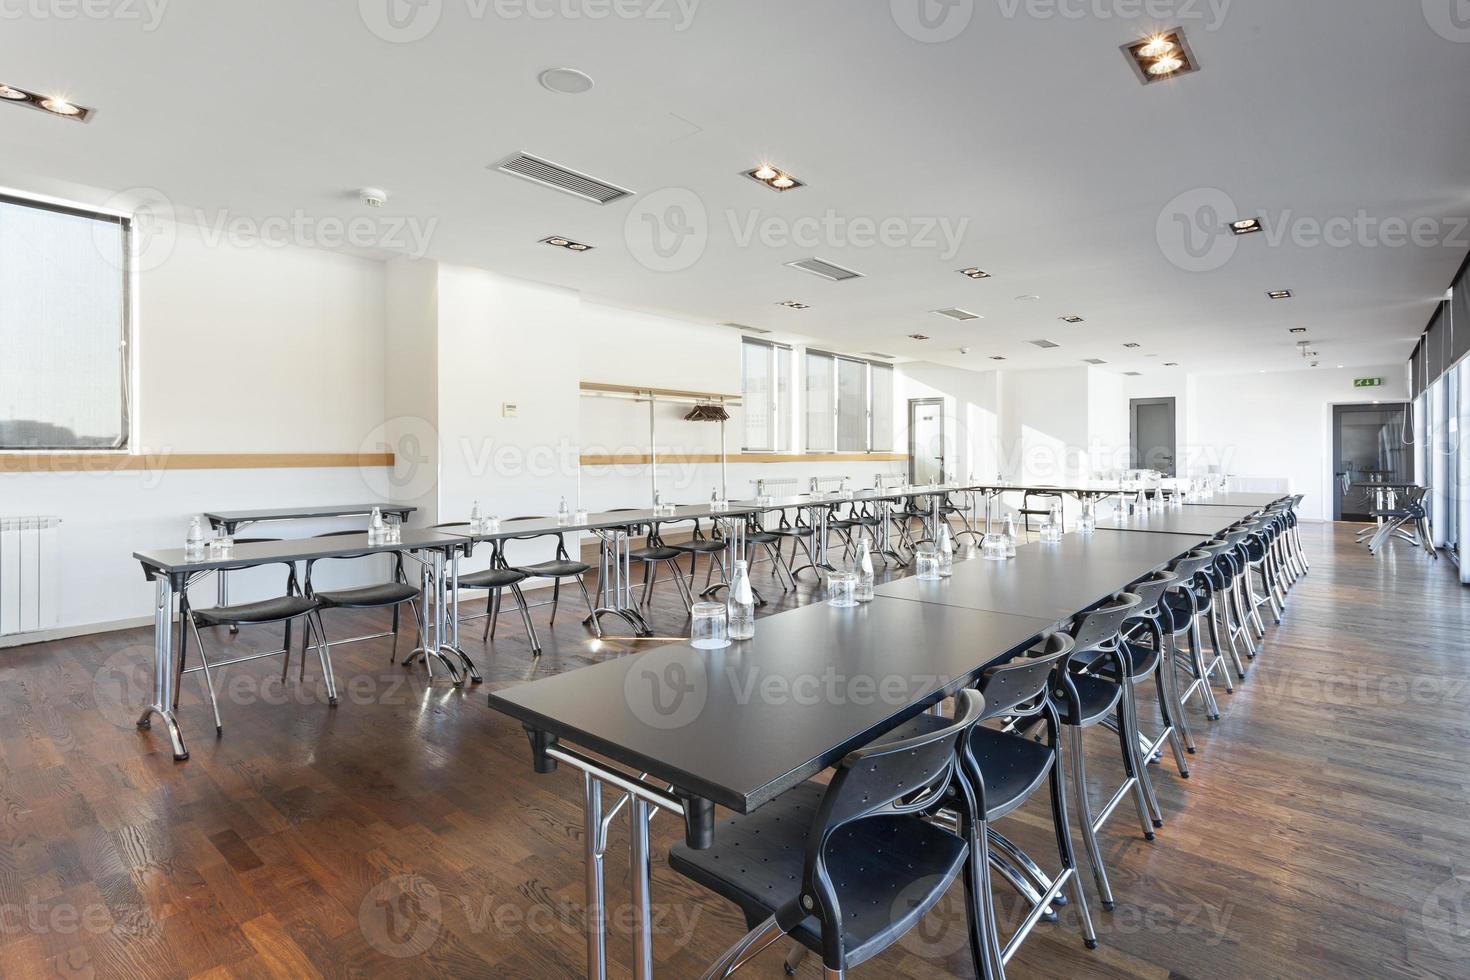 grande salle de conférence prête pour une réunion d'affaires photo